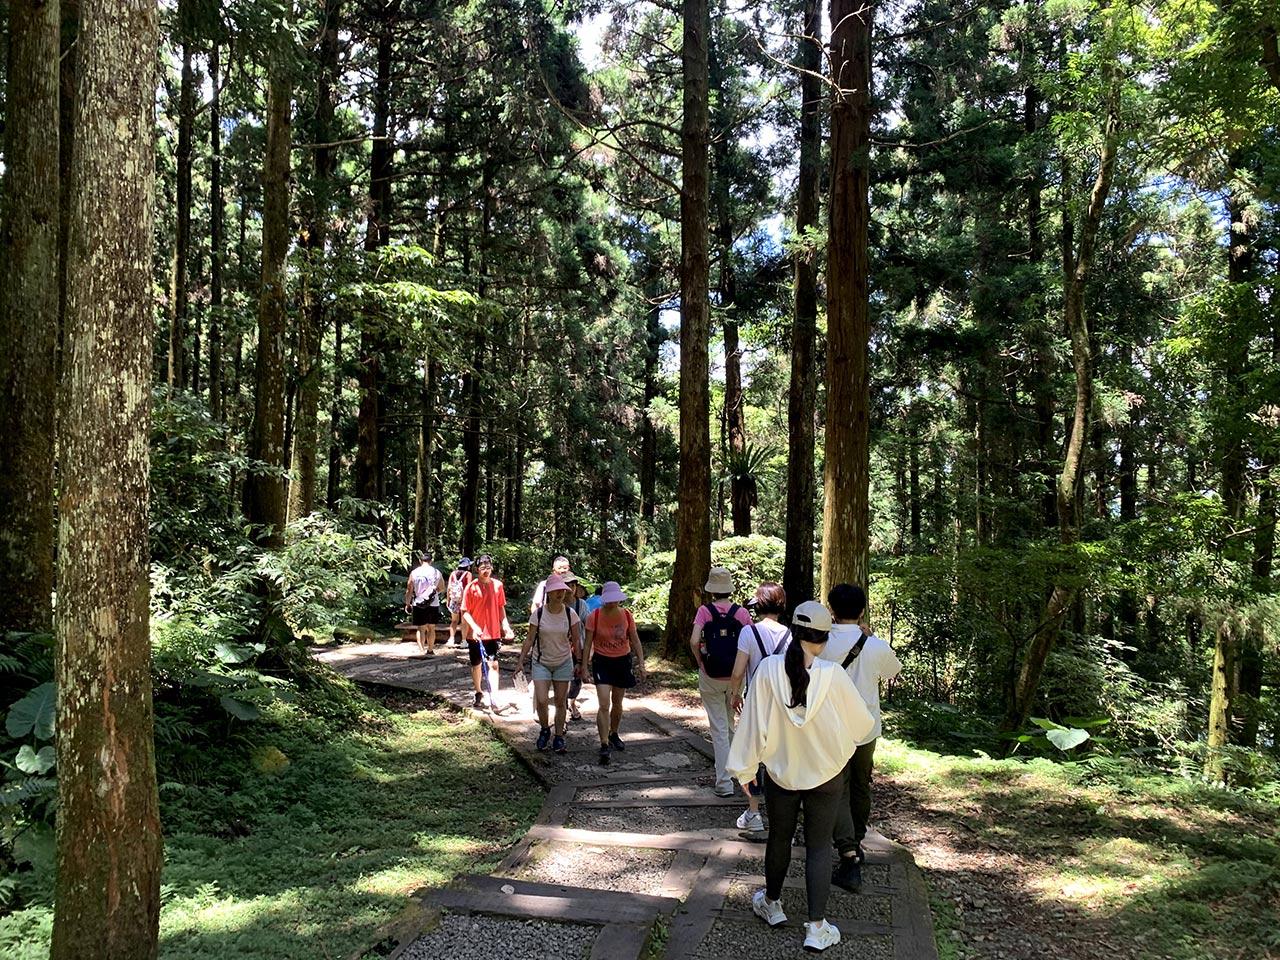 東眼山国家森林遊楽区步道